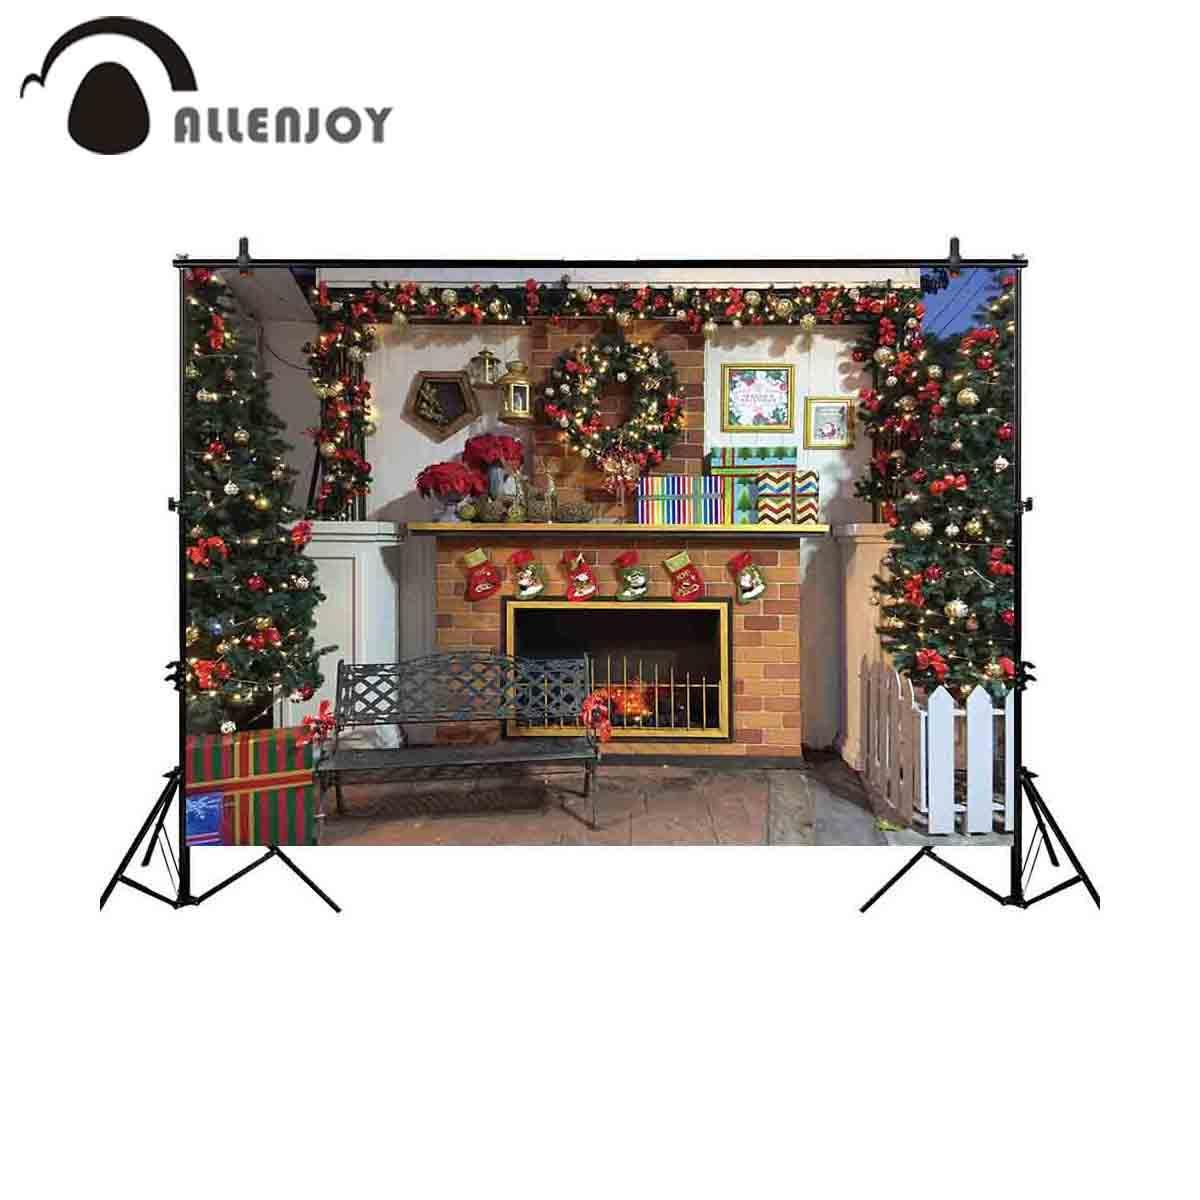 الجملة خلفية للصور الاستوديو عيد الميلاد غرفة الموقد شجرة اكليلا التصوير خلفية photobooth صورة المتصل مخصص